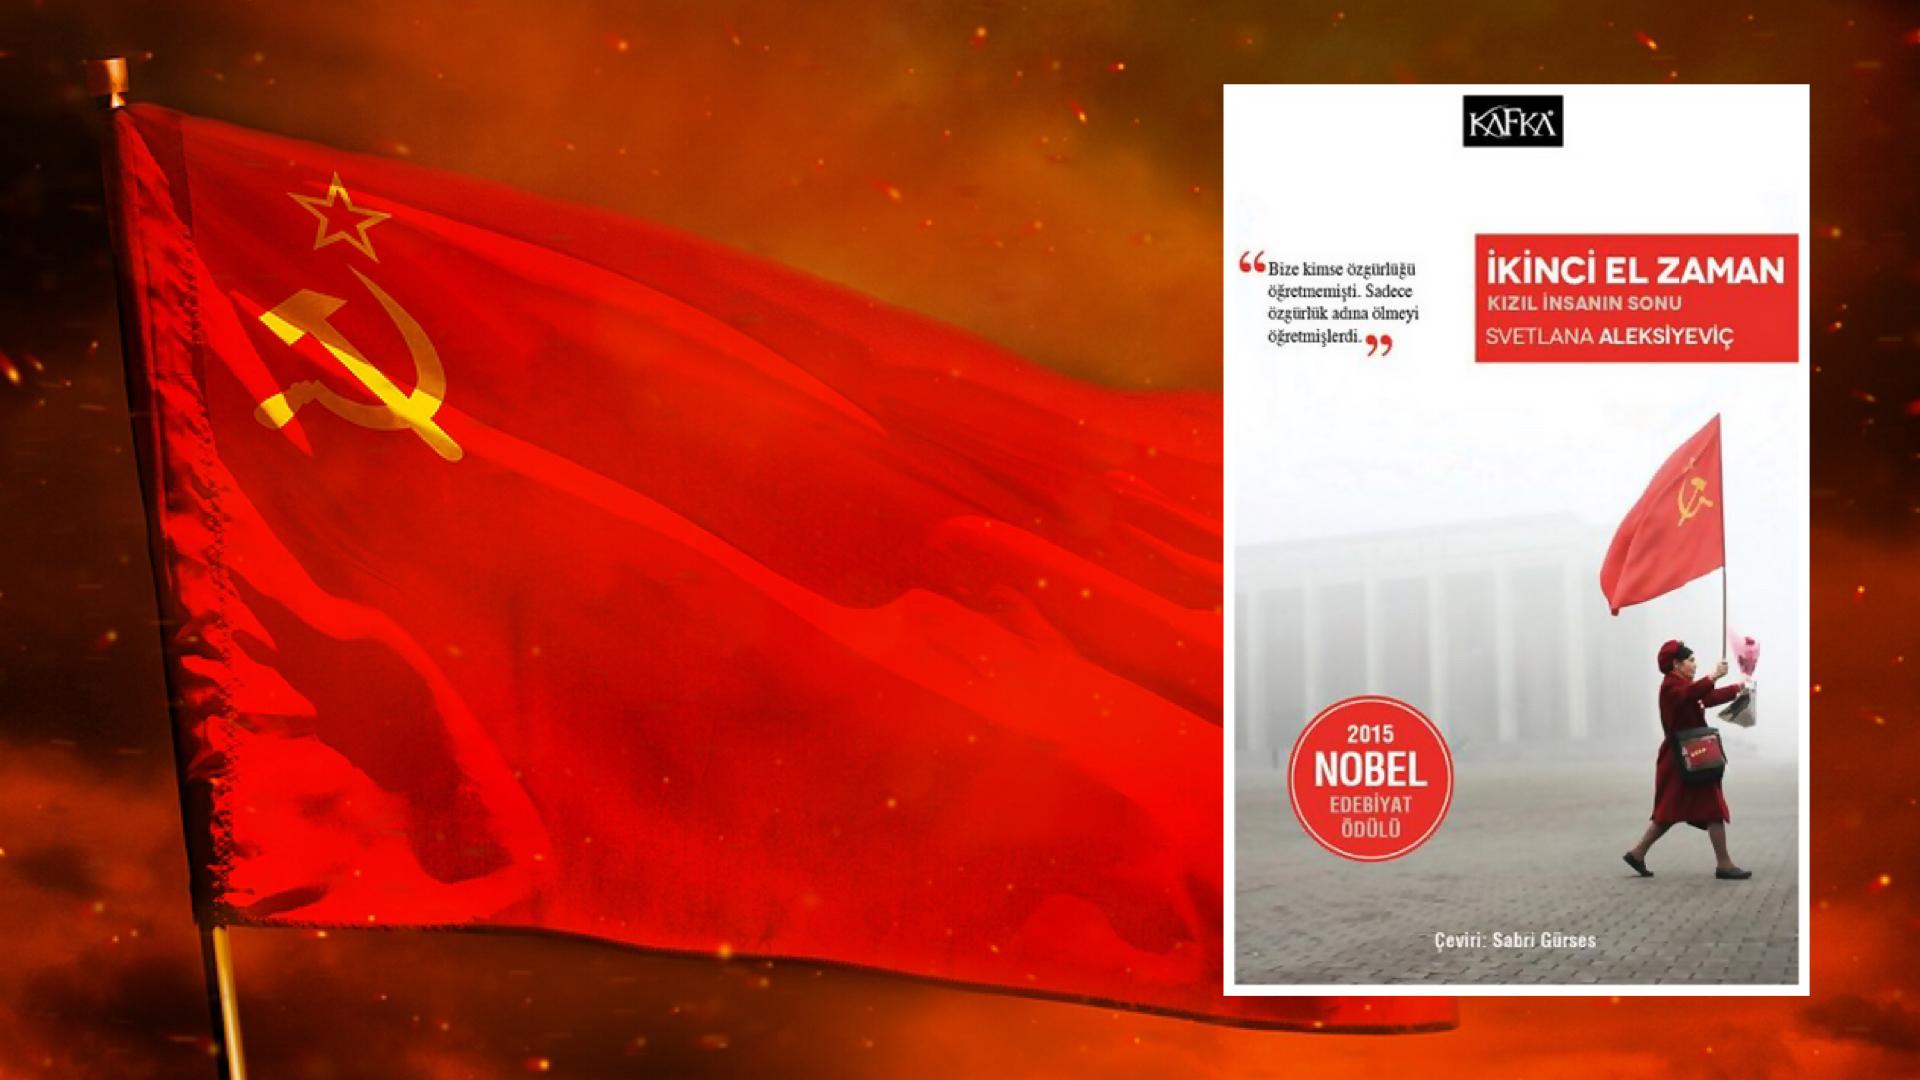 Kitap: İkinci El Zaman | Kızıl İnsanın Sonu | Yazar: Svetlena Aleksiyeviç | Yorumlayan: Hülya Erarslan